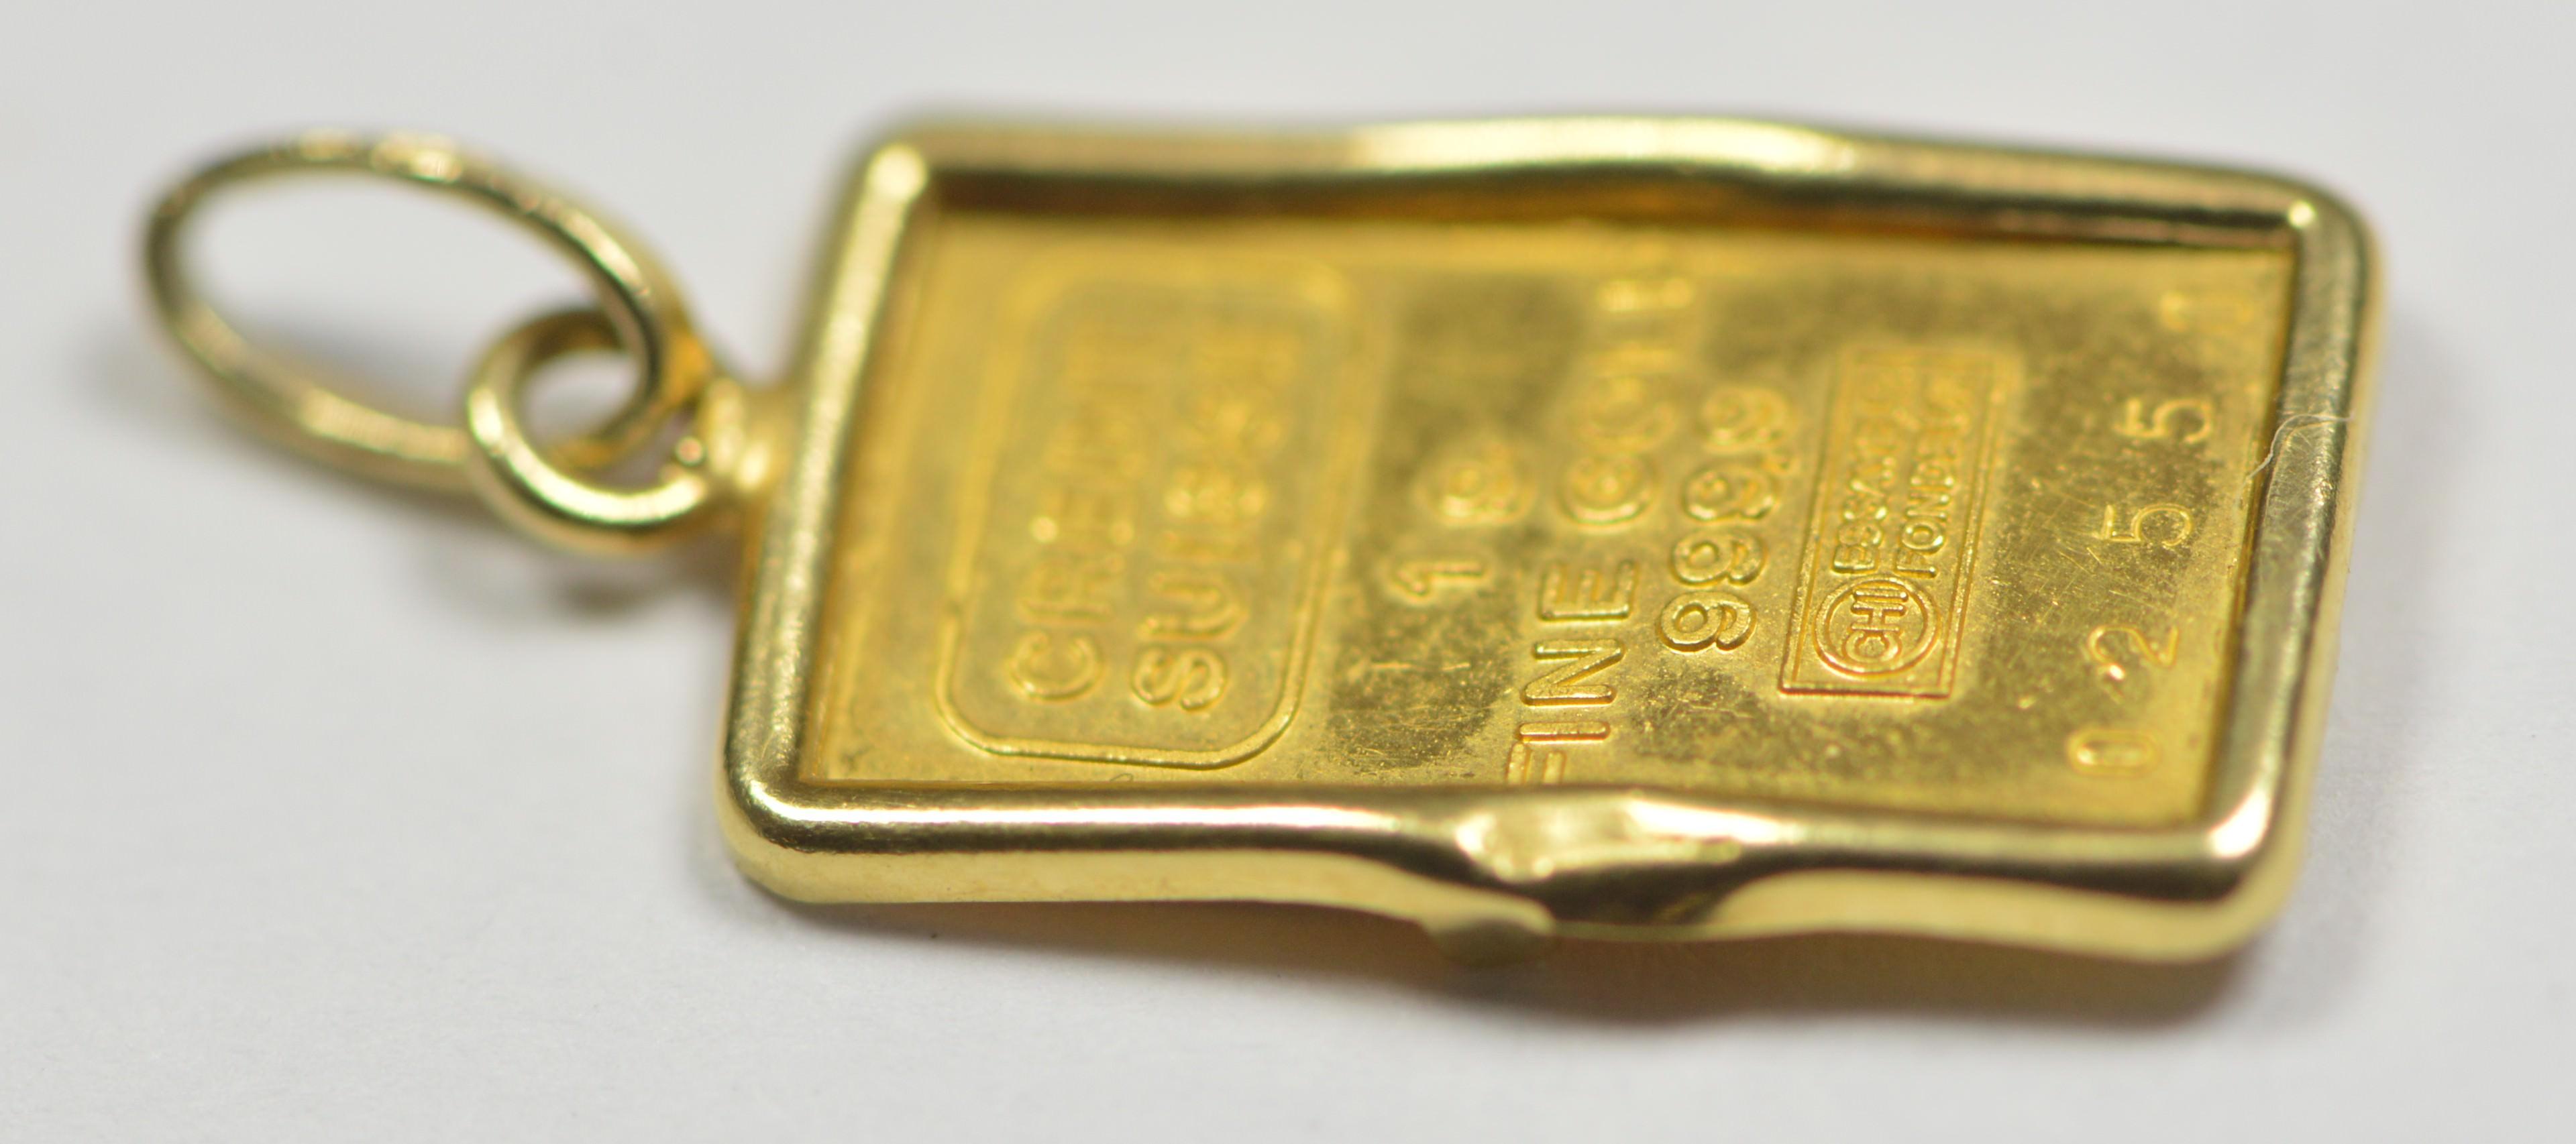 1 Gram Gold Bar In Bezel